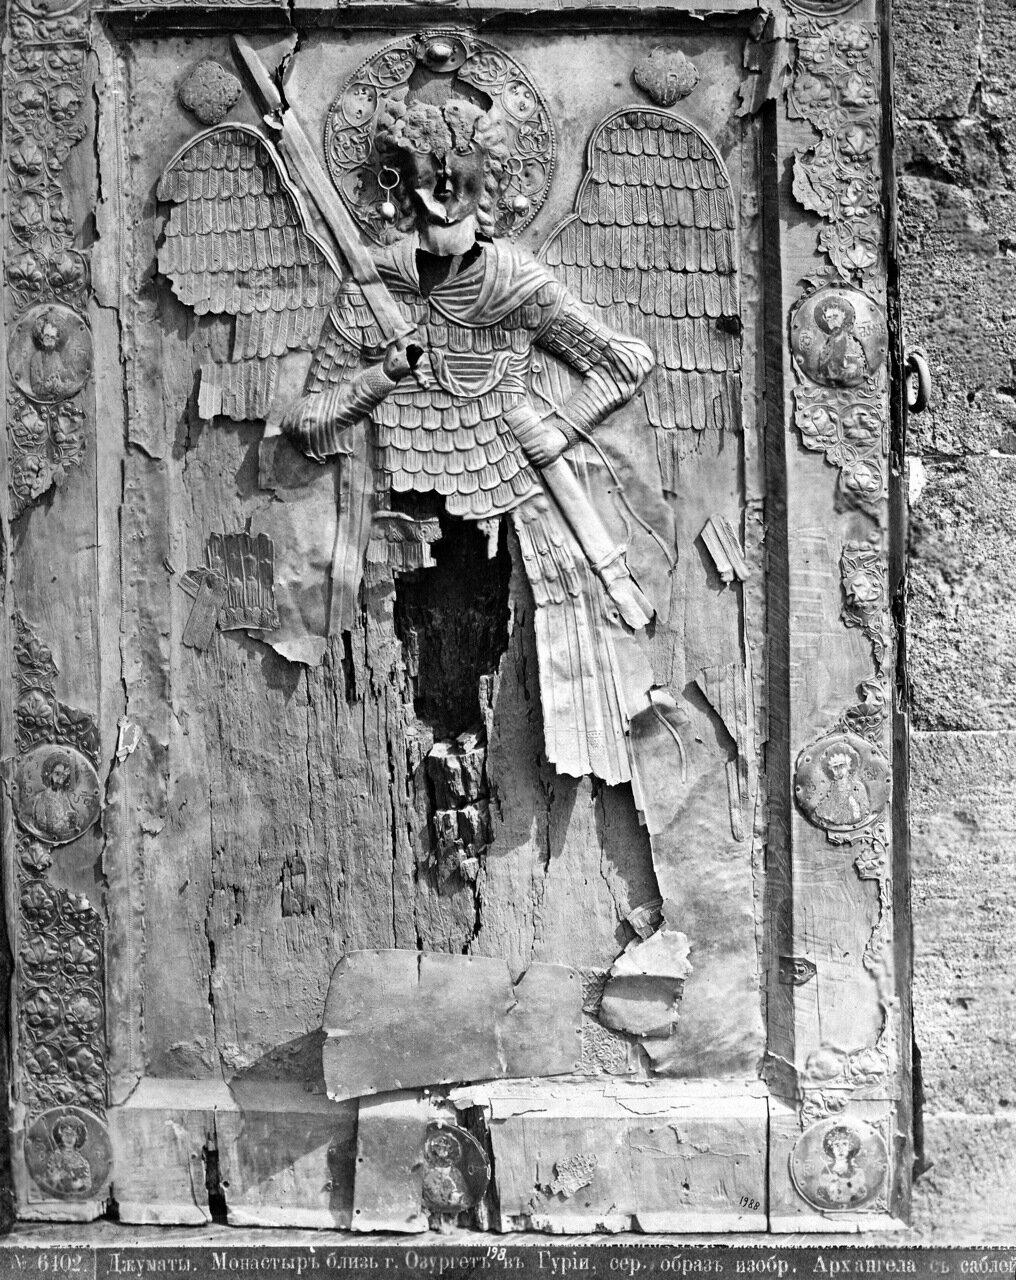 Икона архангела Михаила из церкви в Джумати Кутаисской губернии